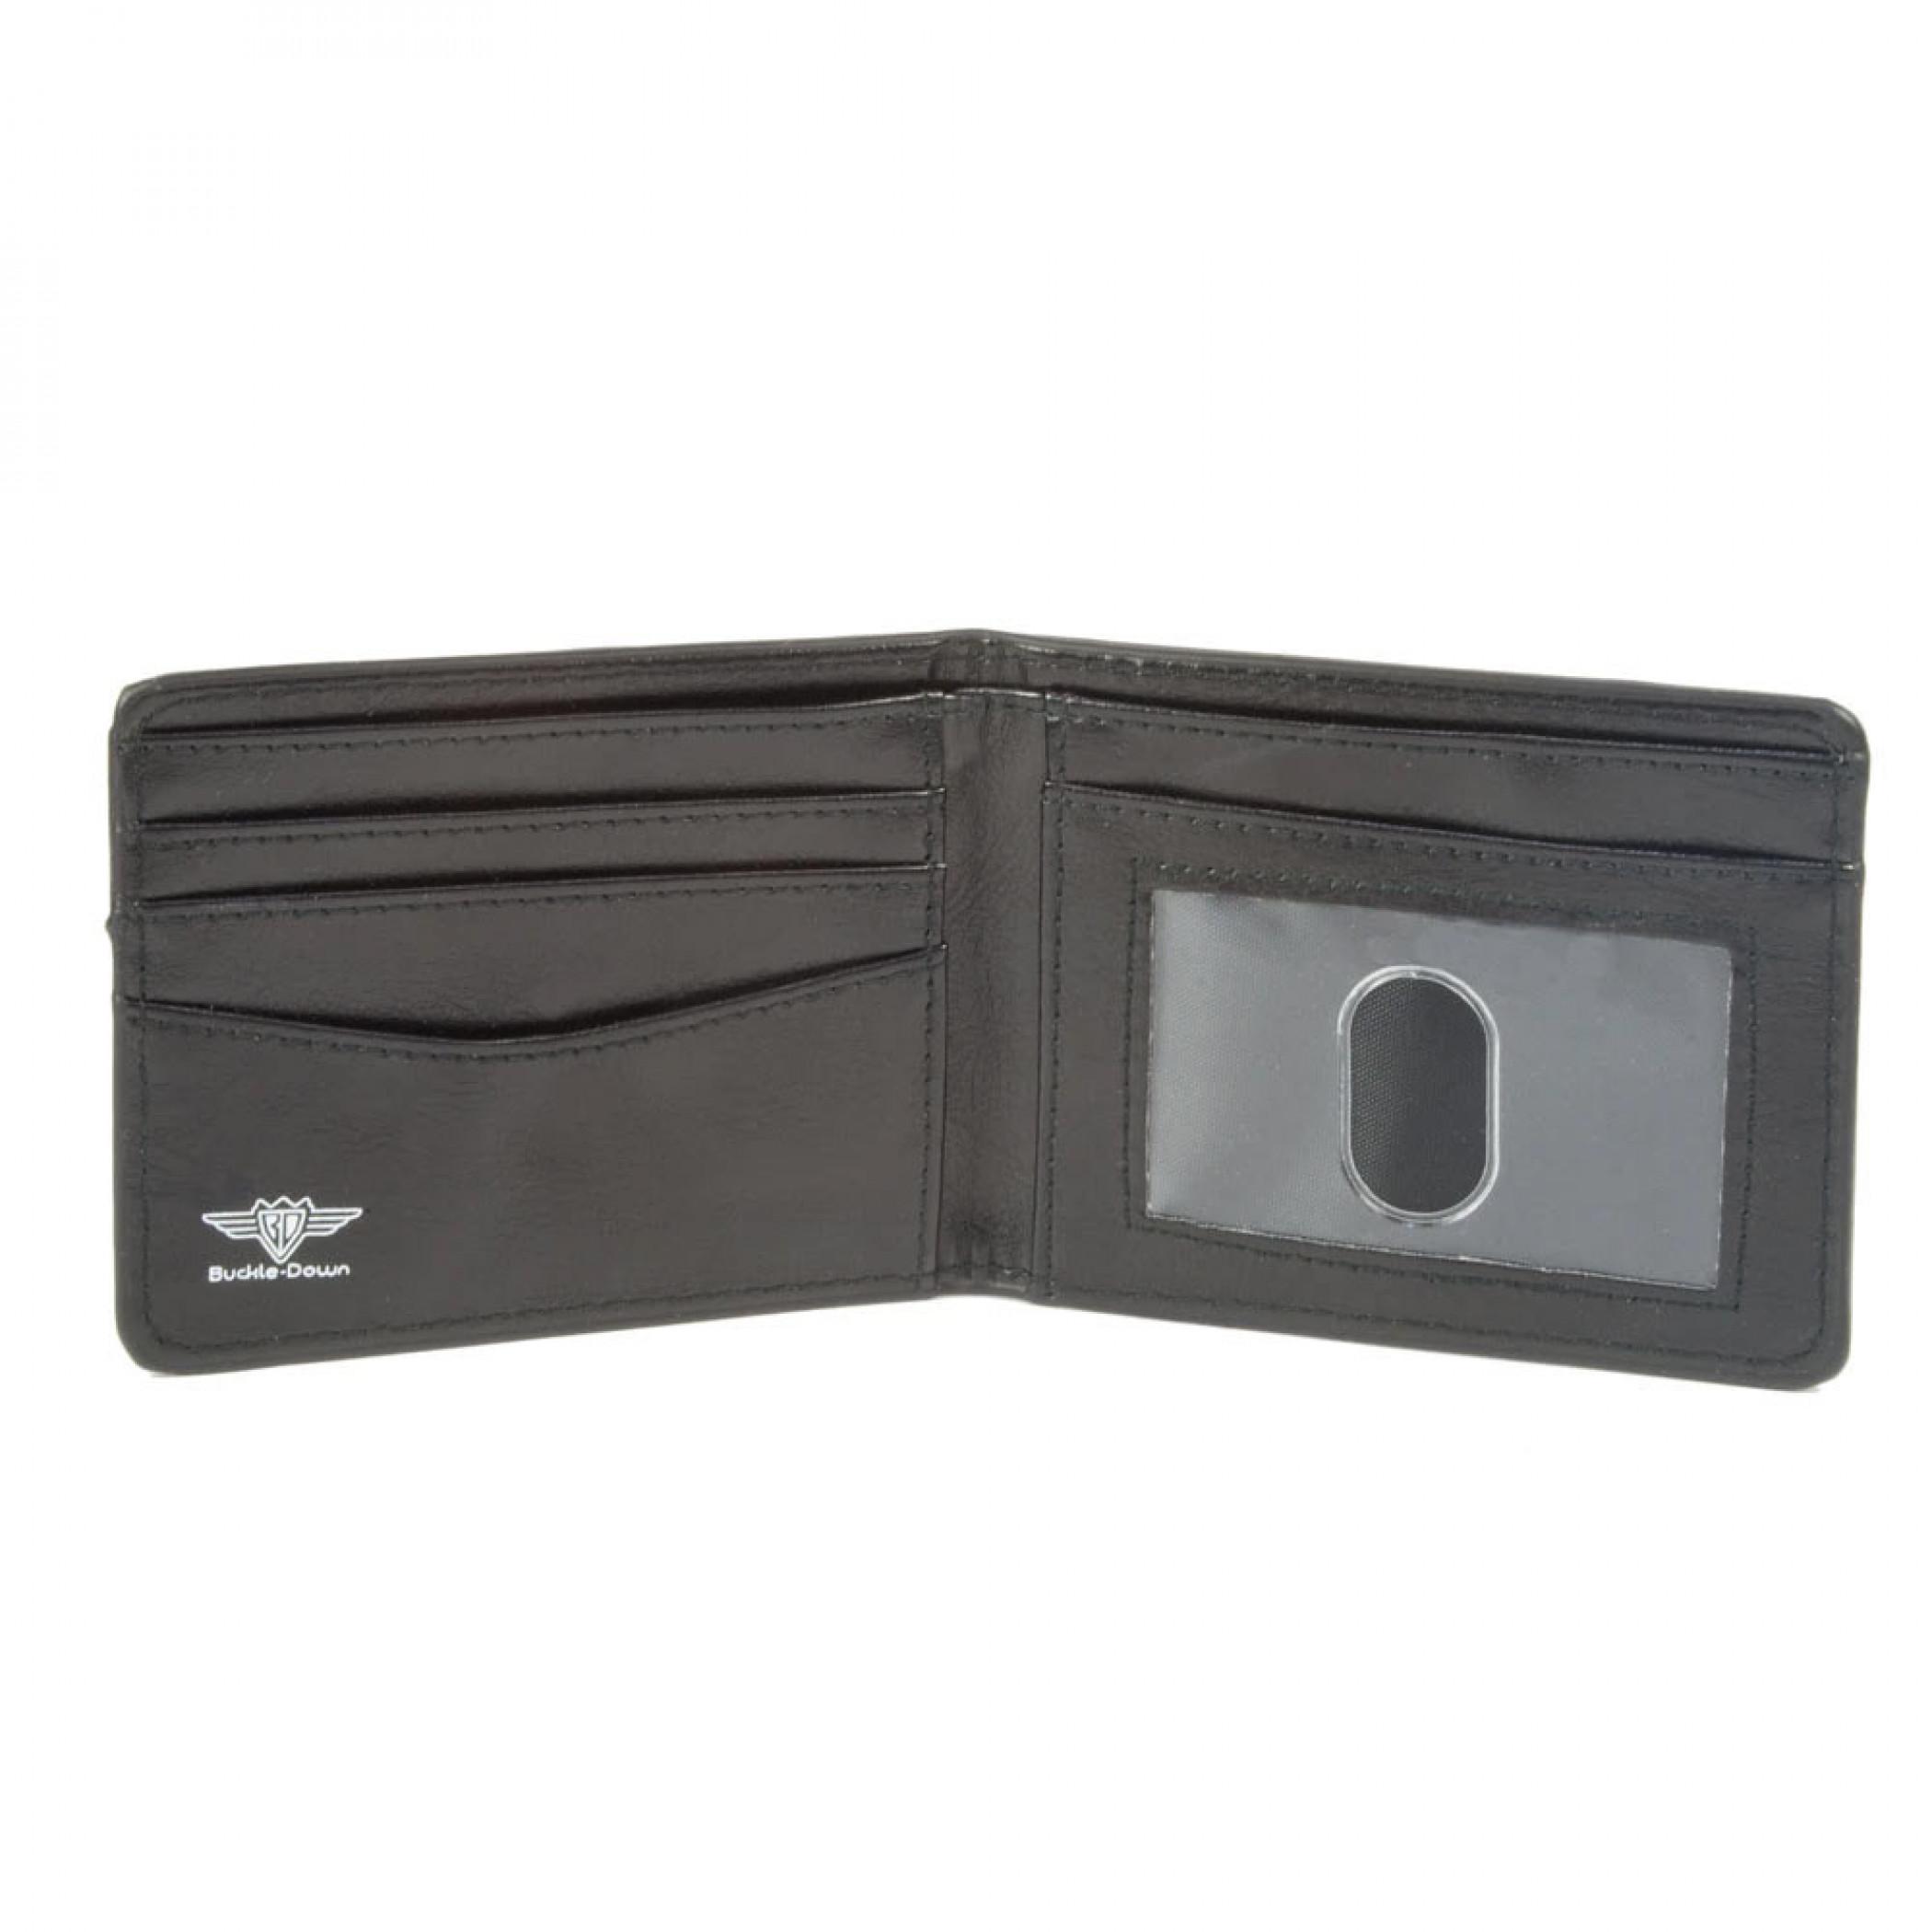 Star Wars Darth Vader Wallet